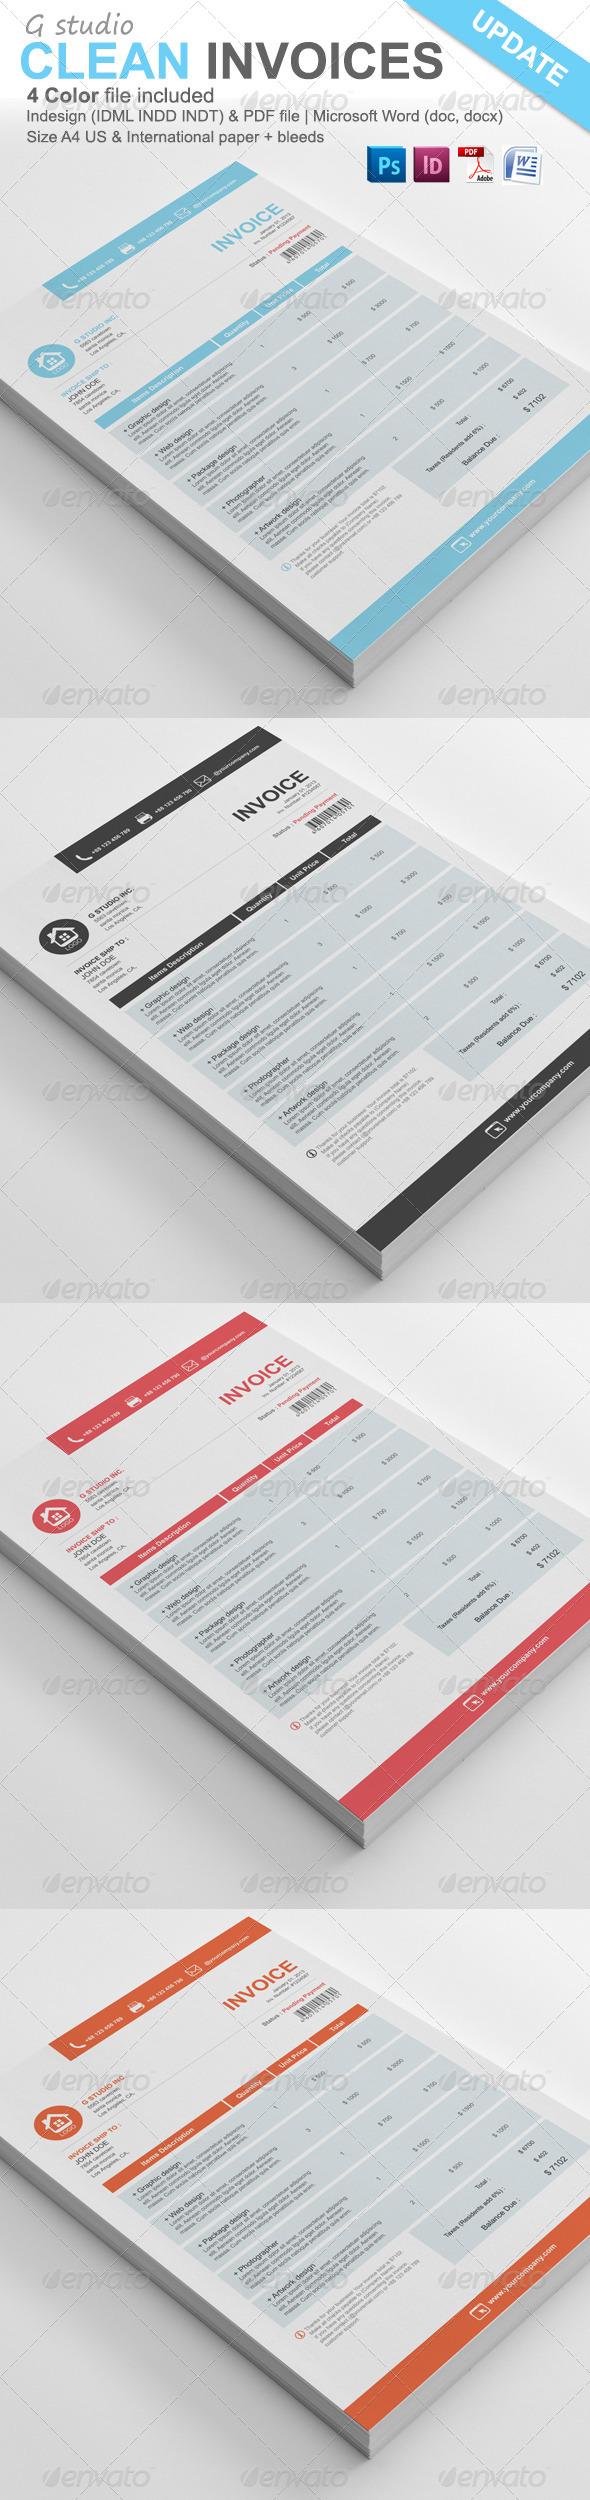 Gstudio Clean Invoices Template Con Imagenes Disenos De Unas Diseno Publicidad Presupuesto